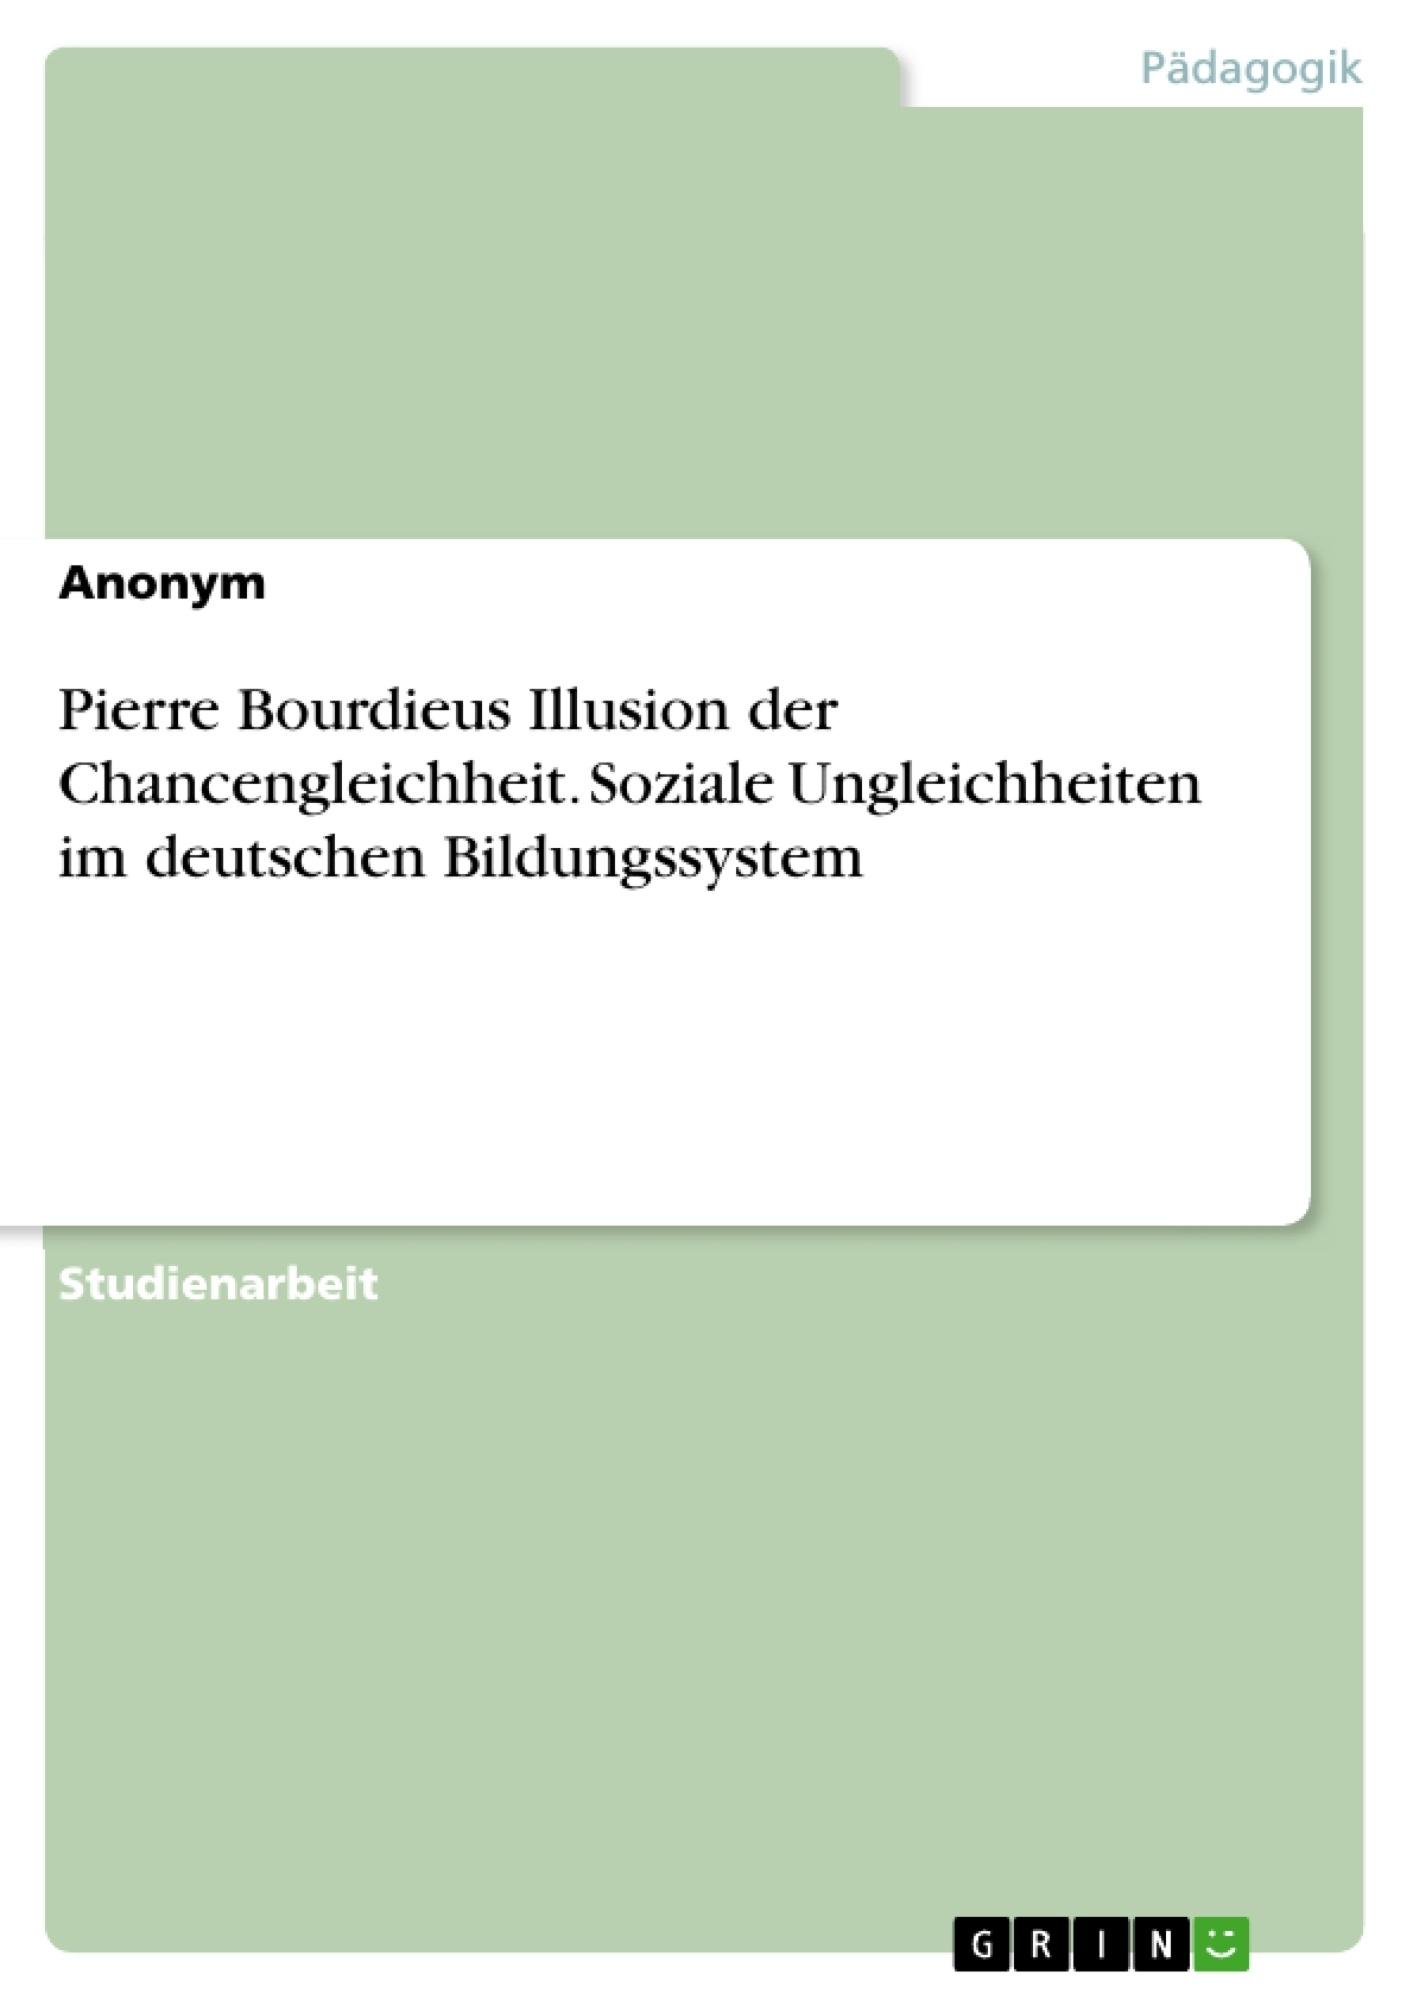 Titel: Pierre Bourdieus Illusion der Chancengleichheit. Soziale Ungleichheiten im deutschen Bildungssystem